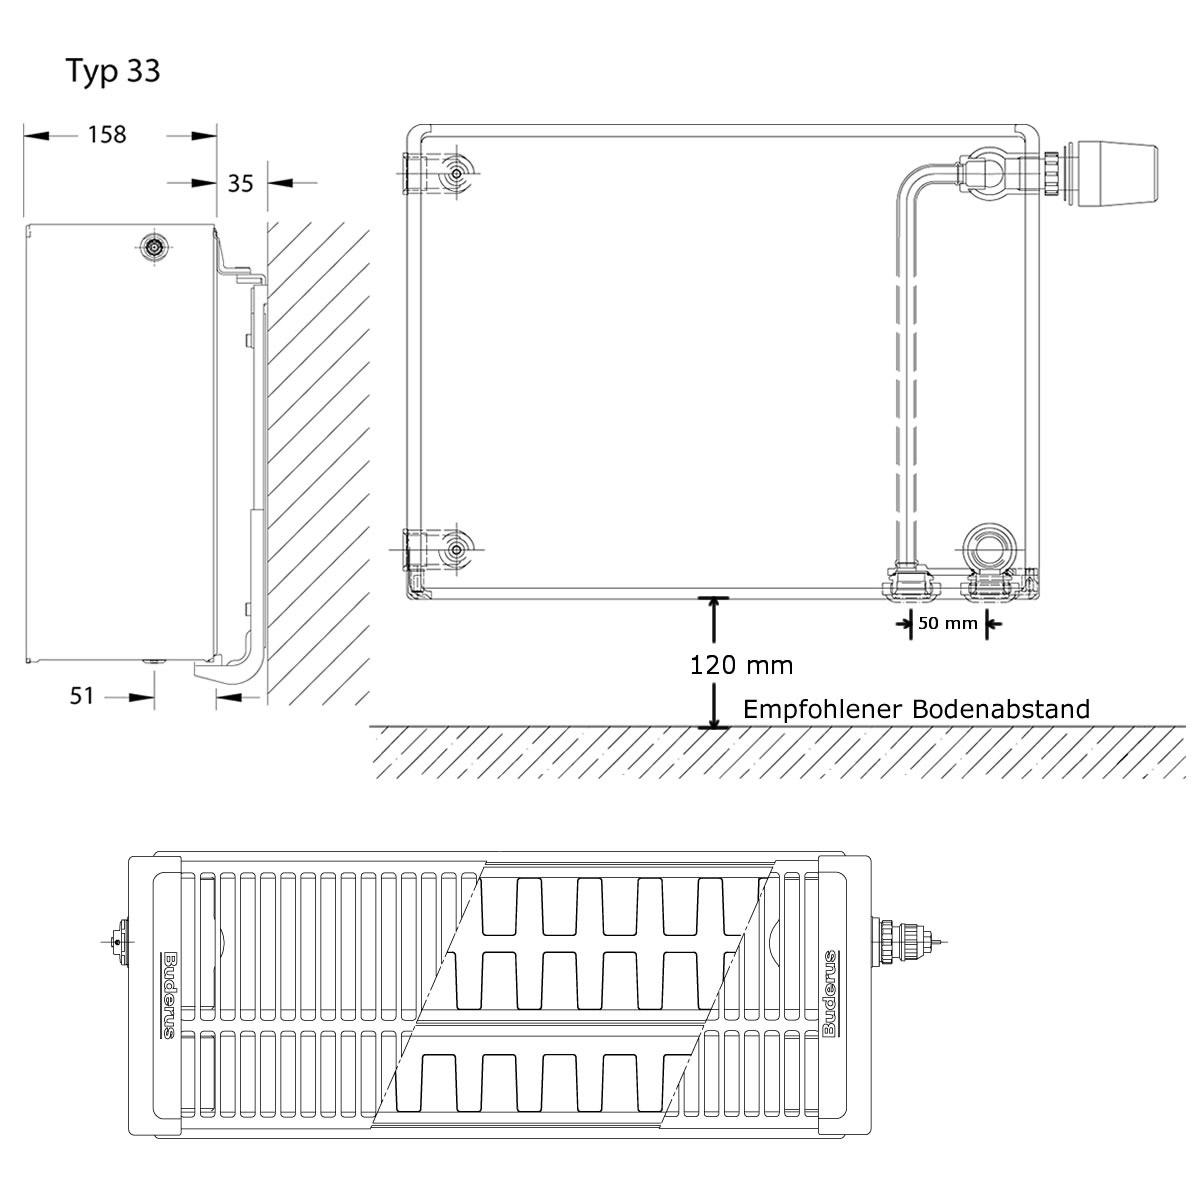 buderus plan-heizkörper ventil typ 33 300 x 2000 mm | heima24.de